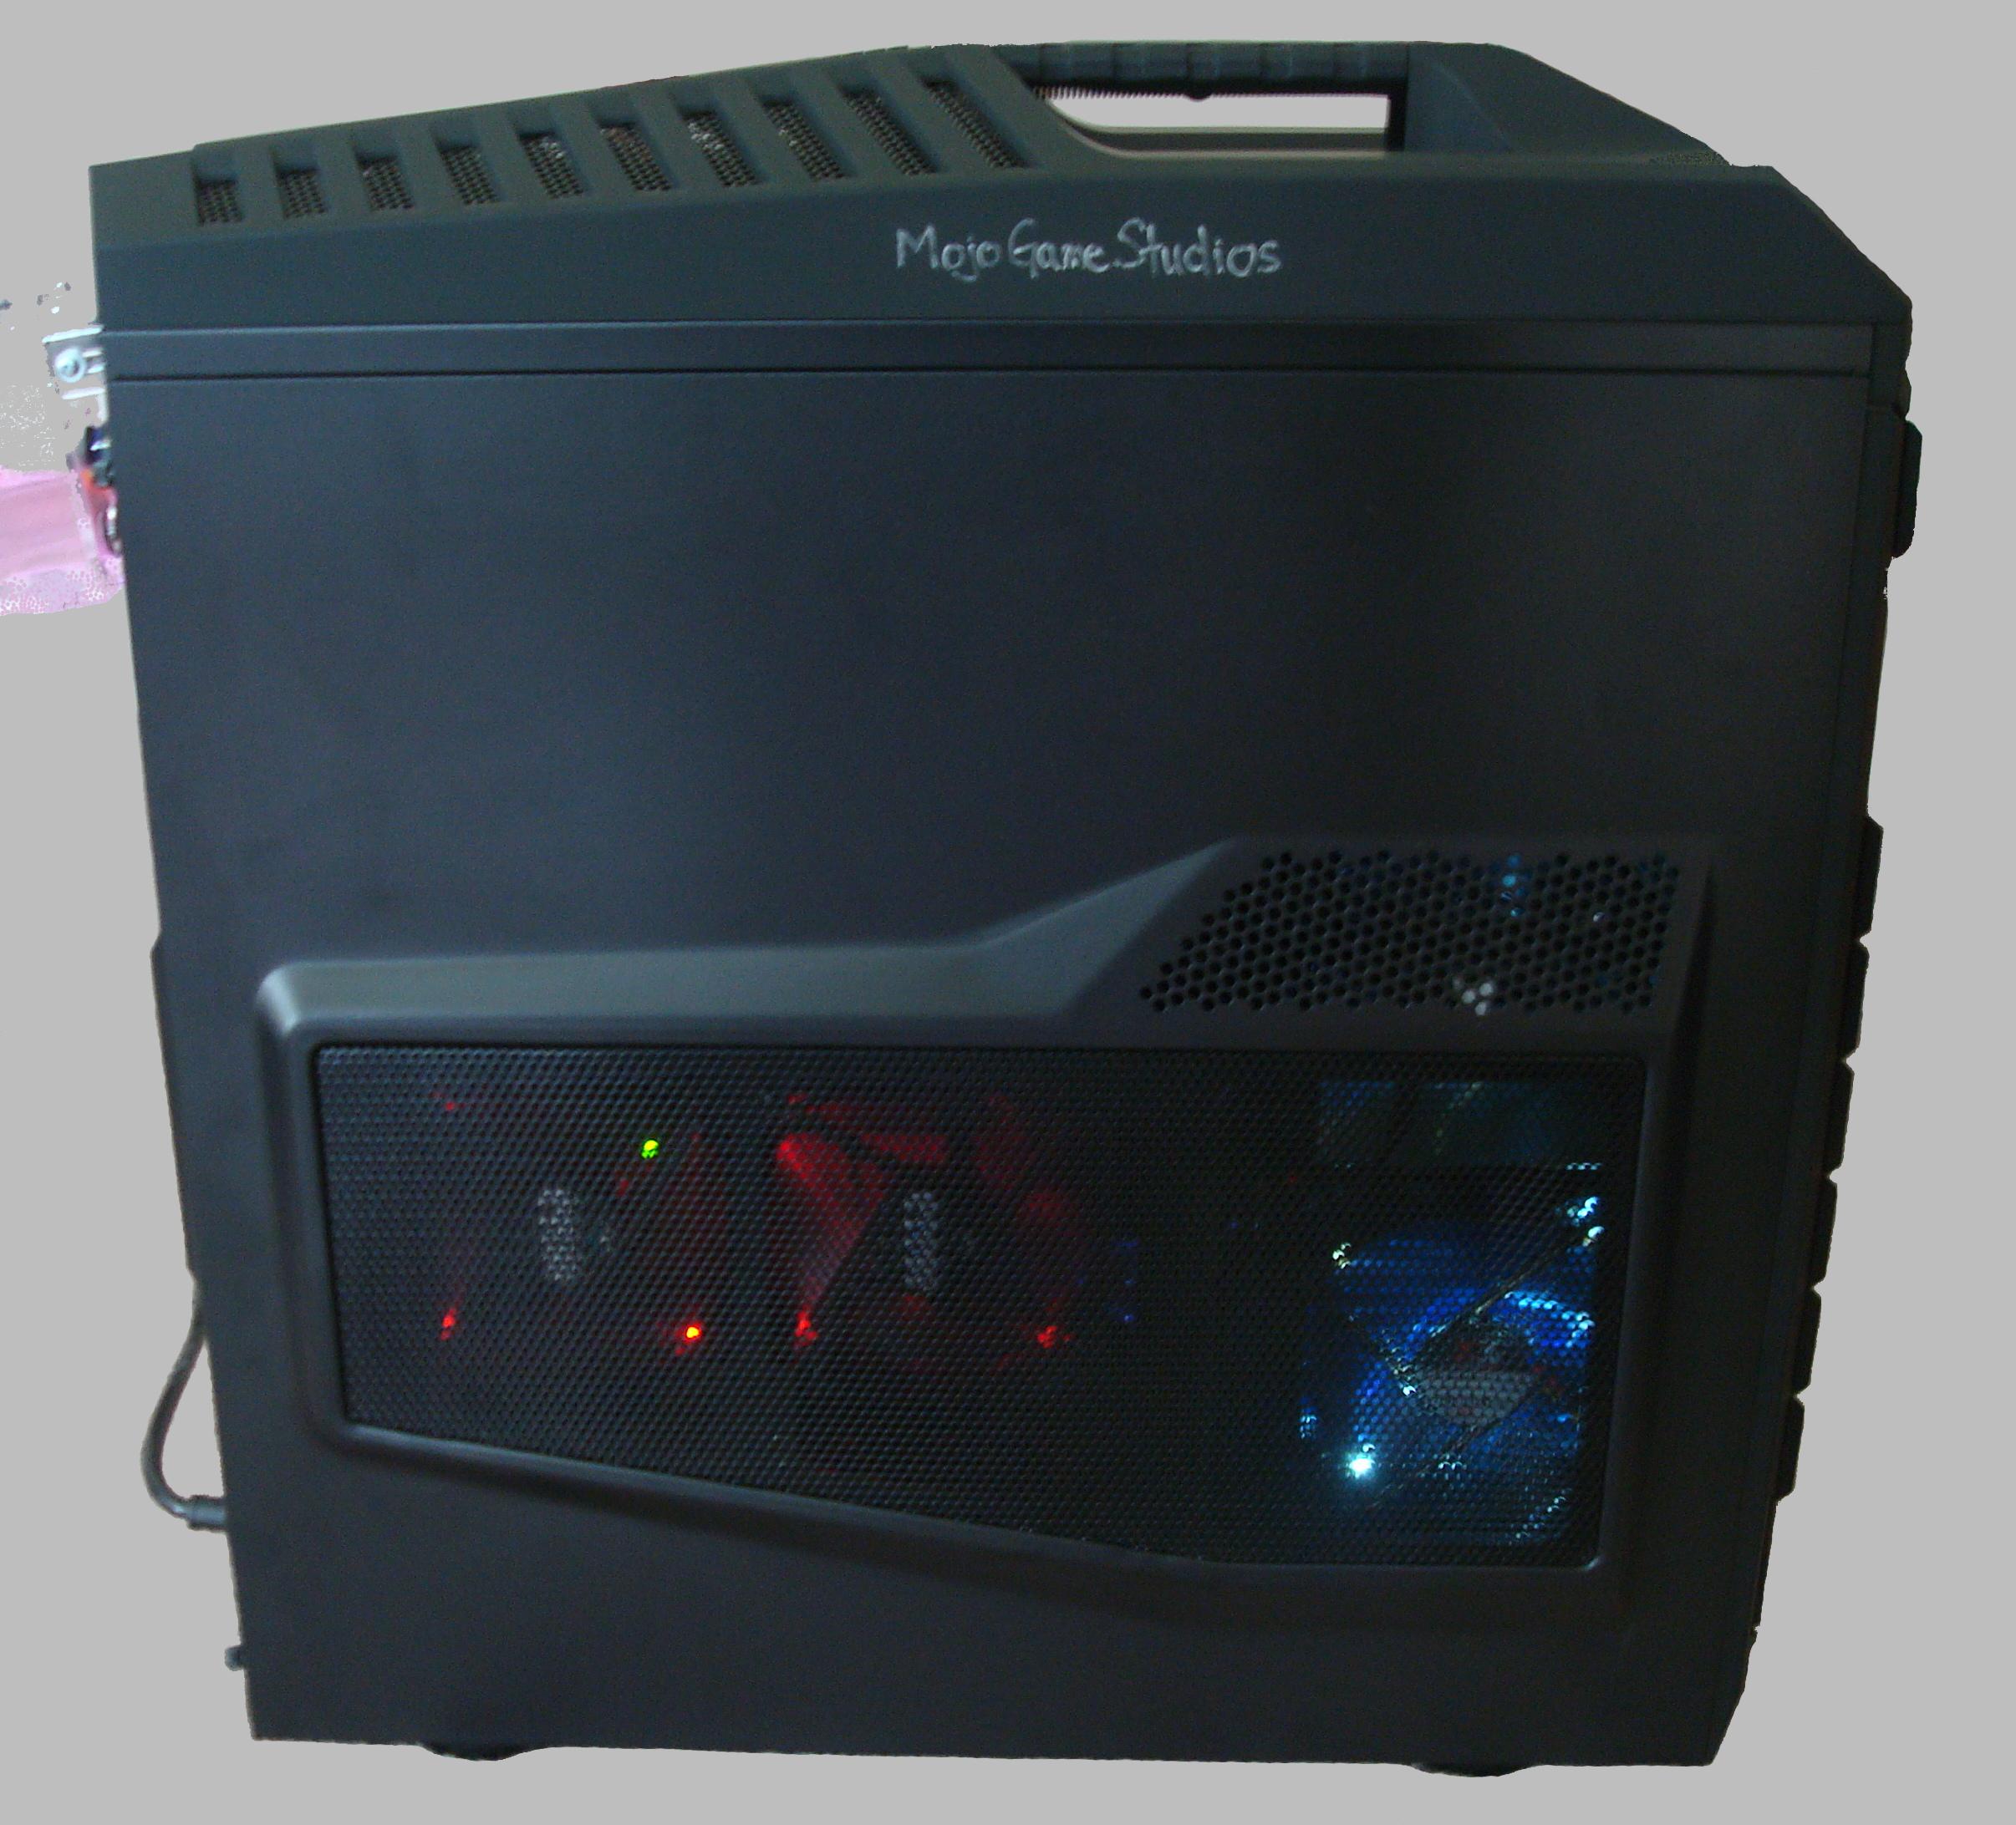 Particle PC